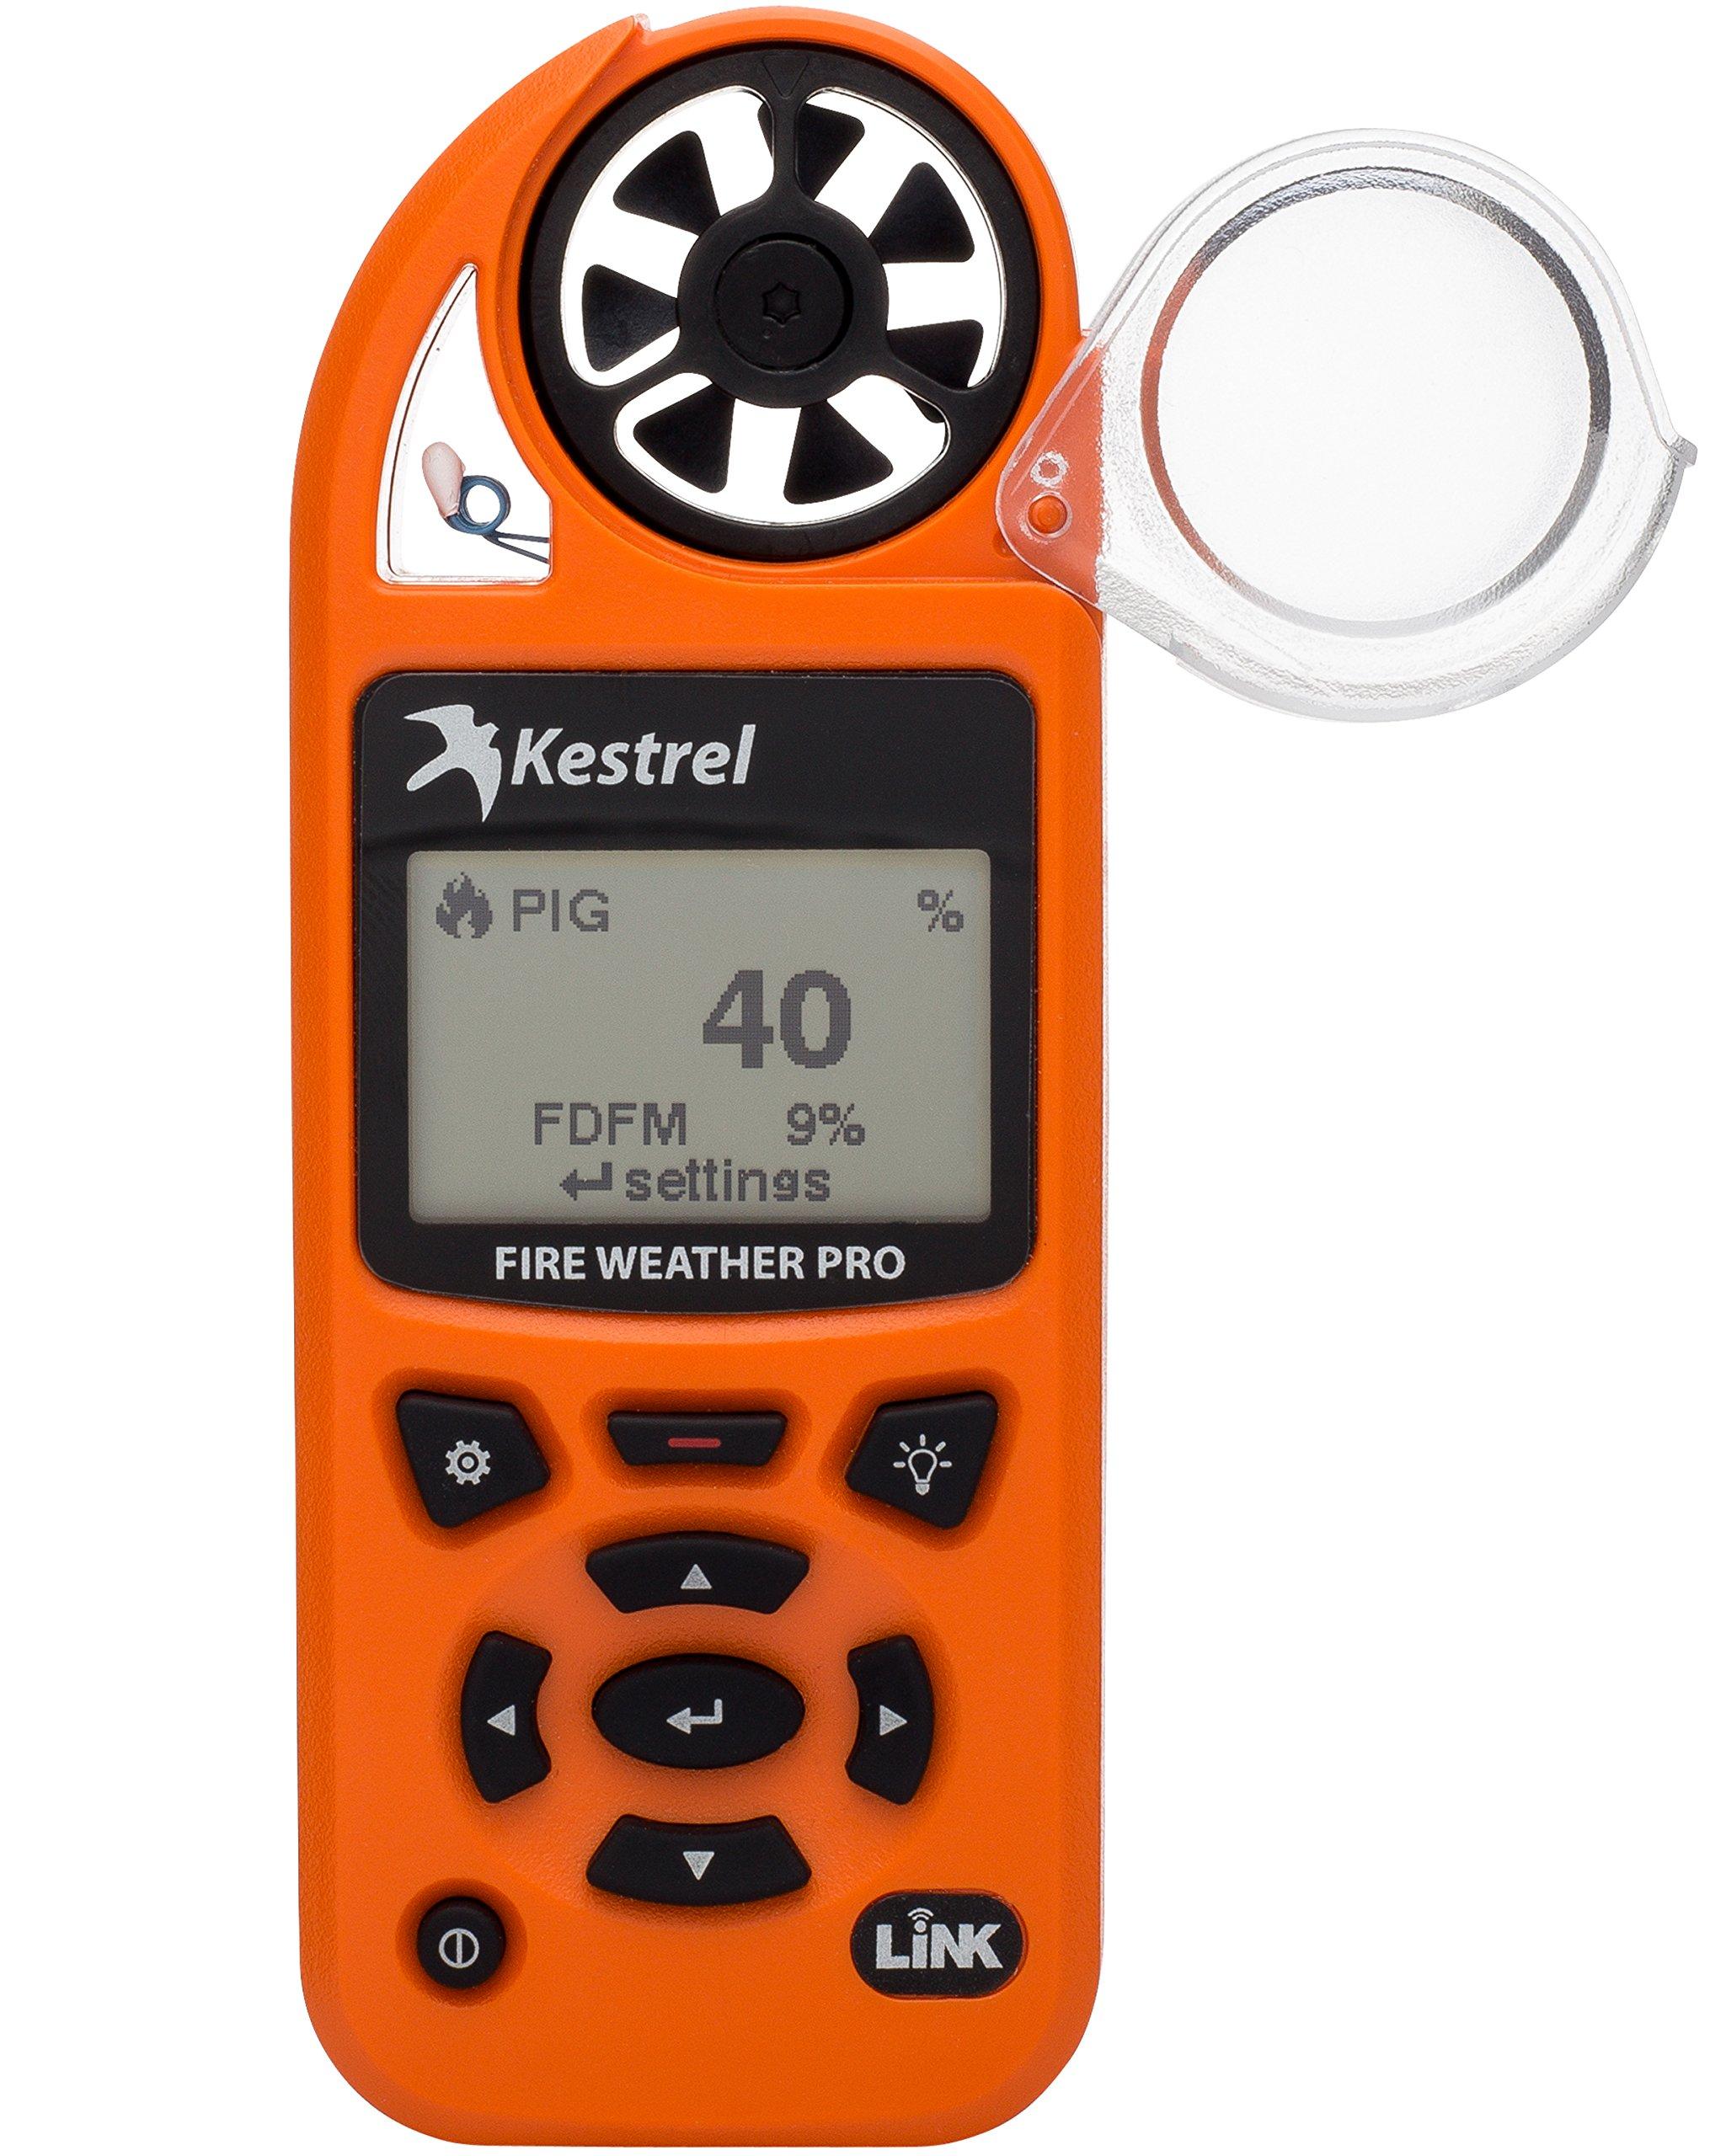 Kestrel 5500FW Fire Weather Meter Pro with Link by Kestrel